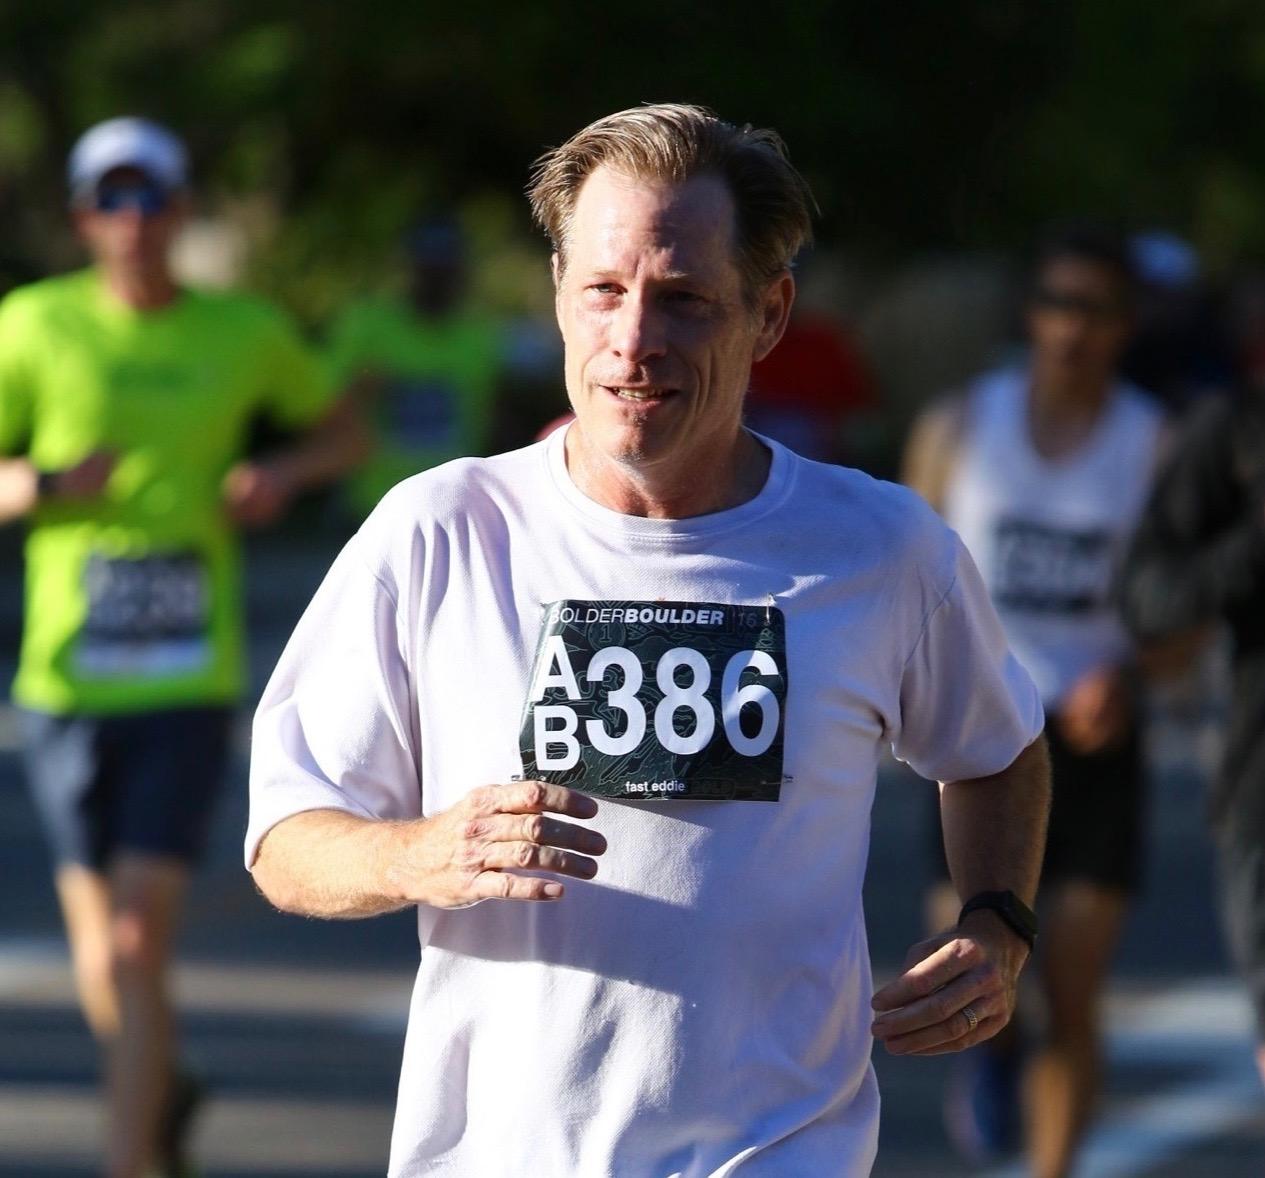 race photo mile 2c